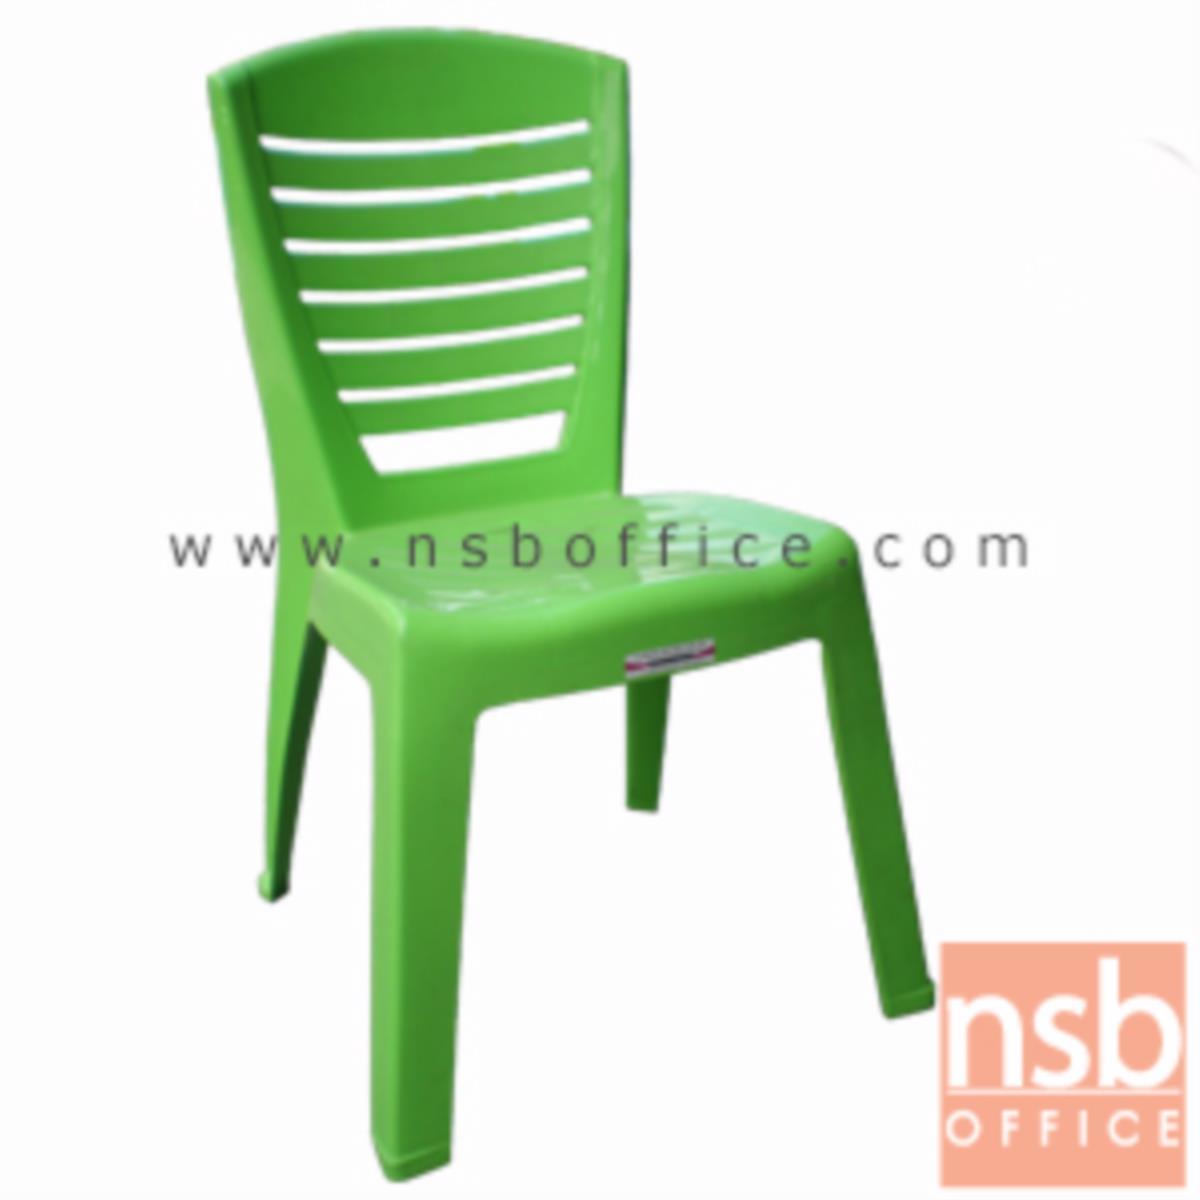 B10A076:เก้าอี้พลาสติก รุ่น CD-PG-01 ซ้อนเก็บได้ (พลาสติกเกรด A)